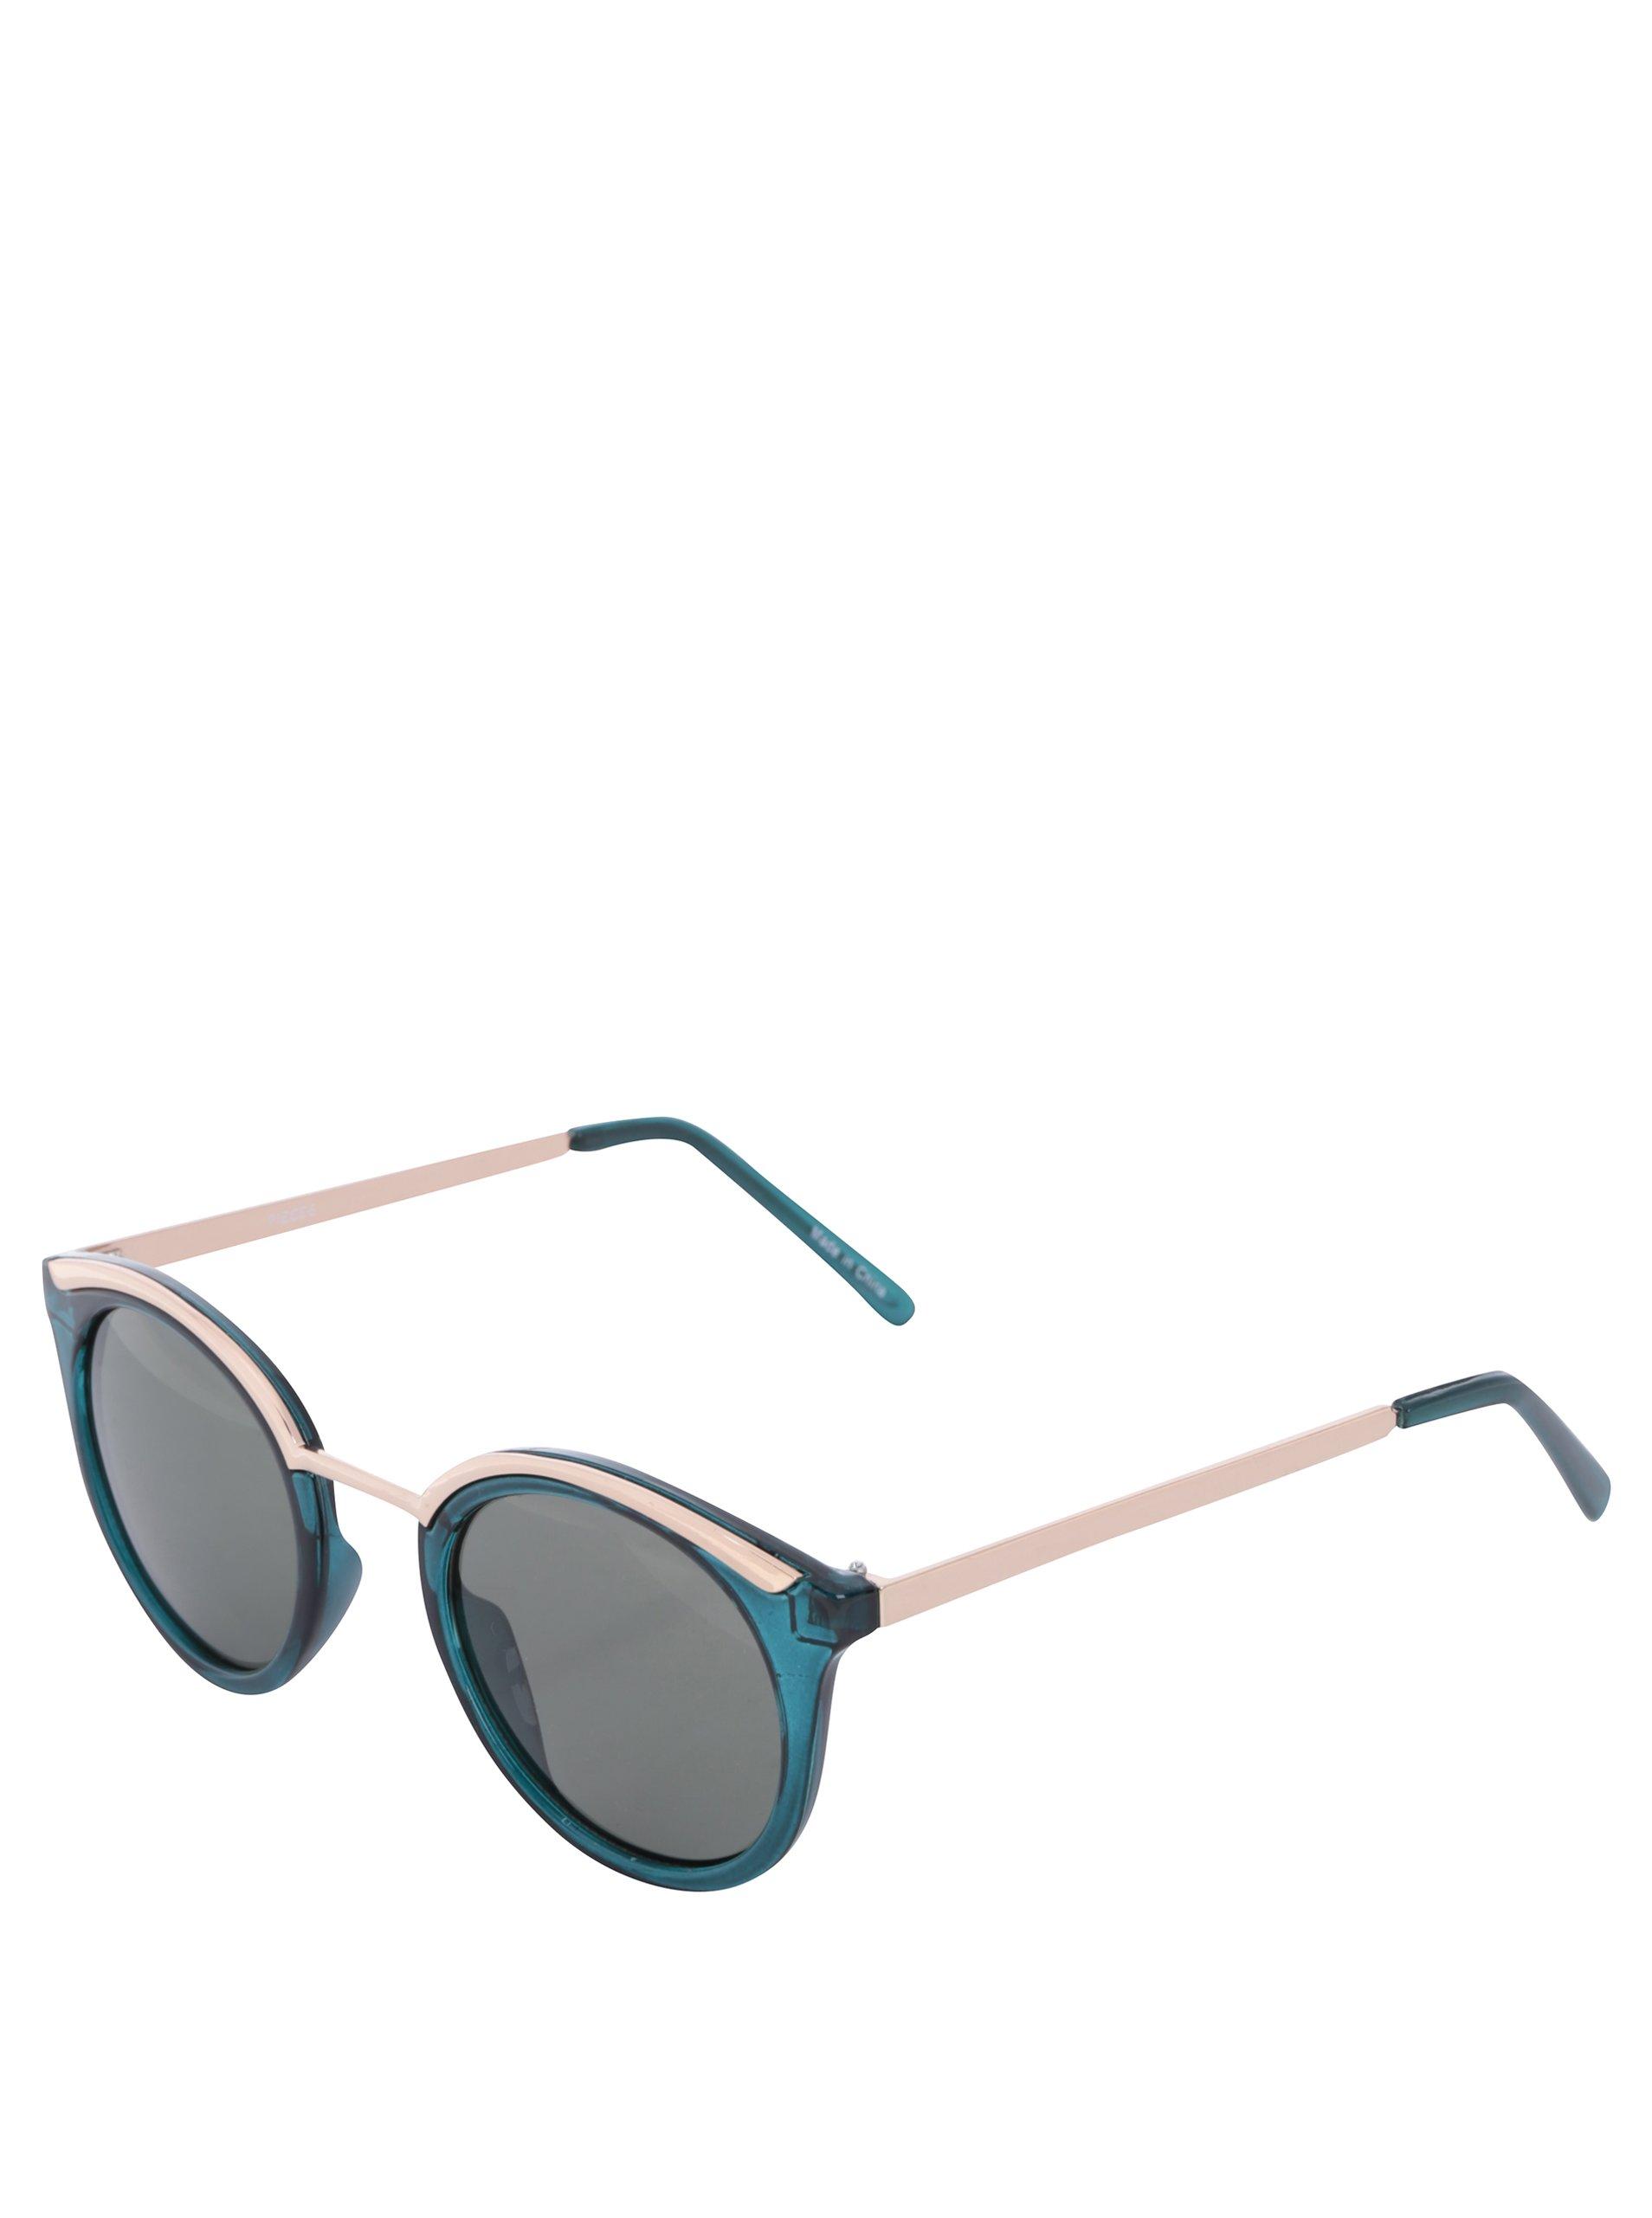 Tmavě zelené sluneční brýle Pieces Lena